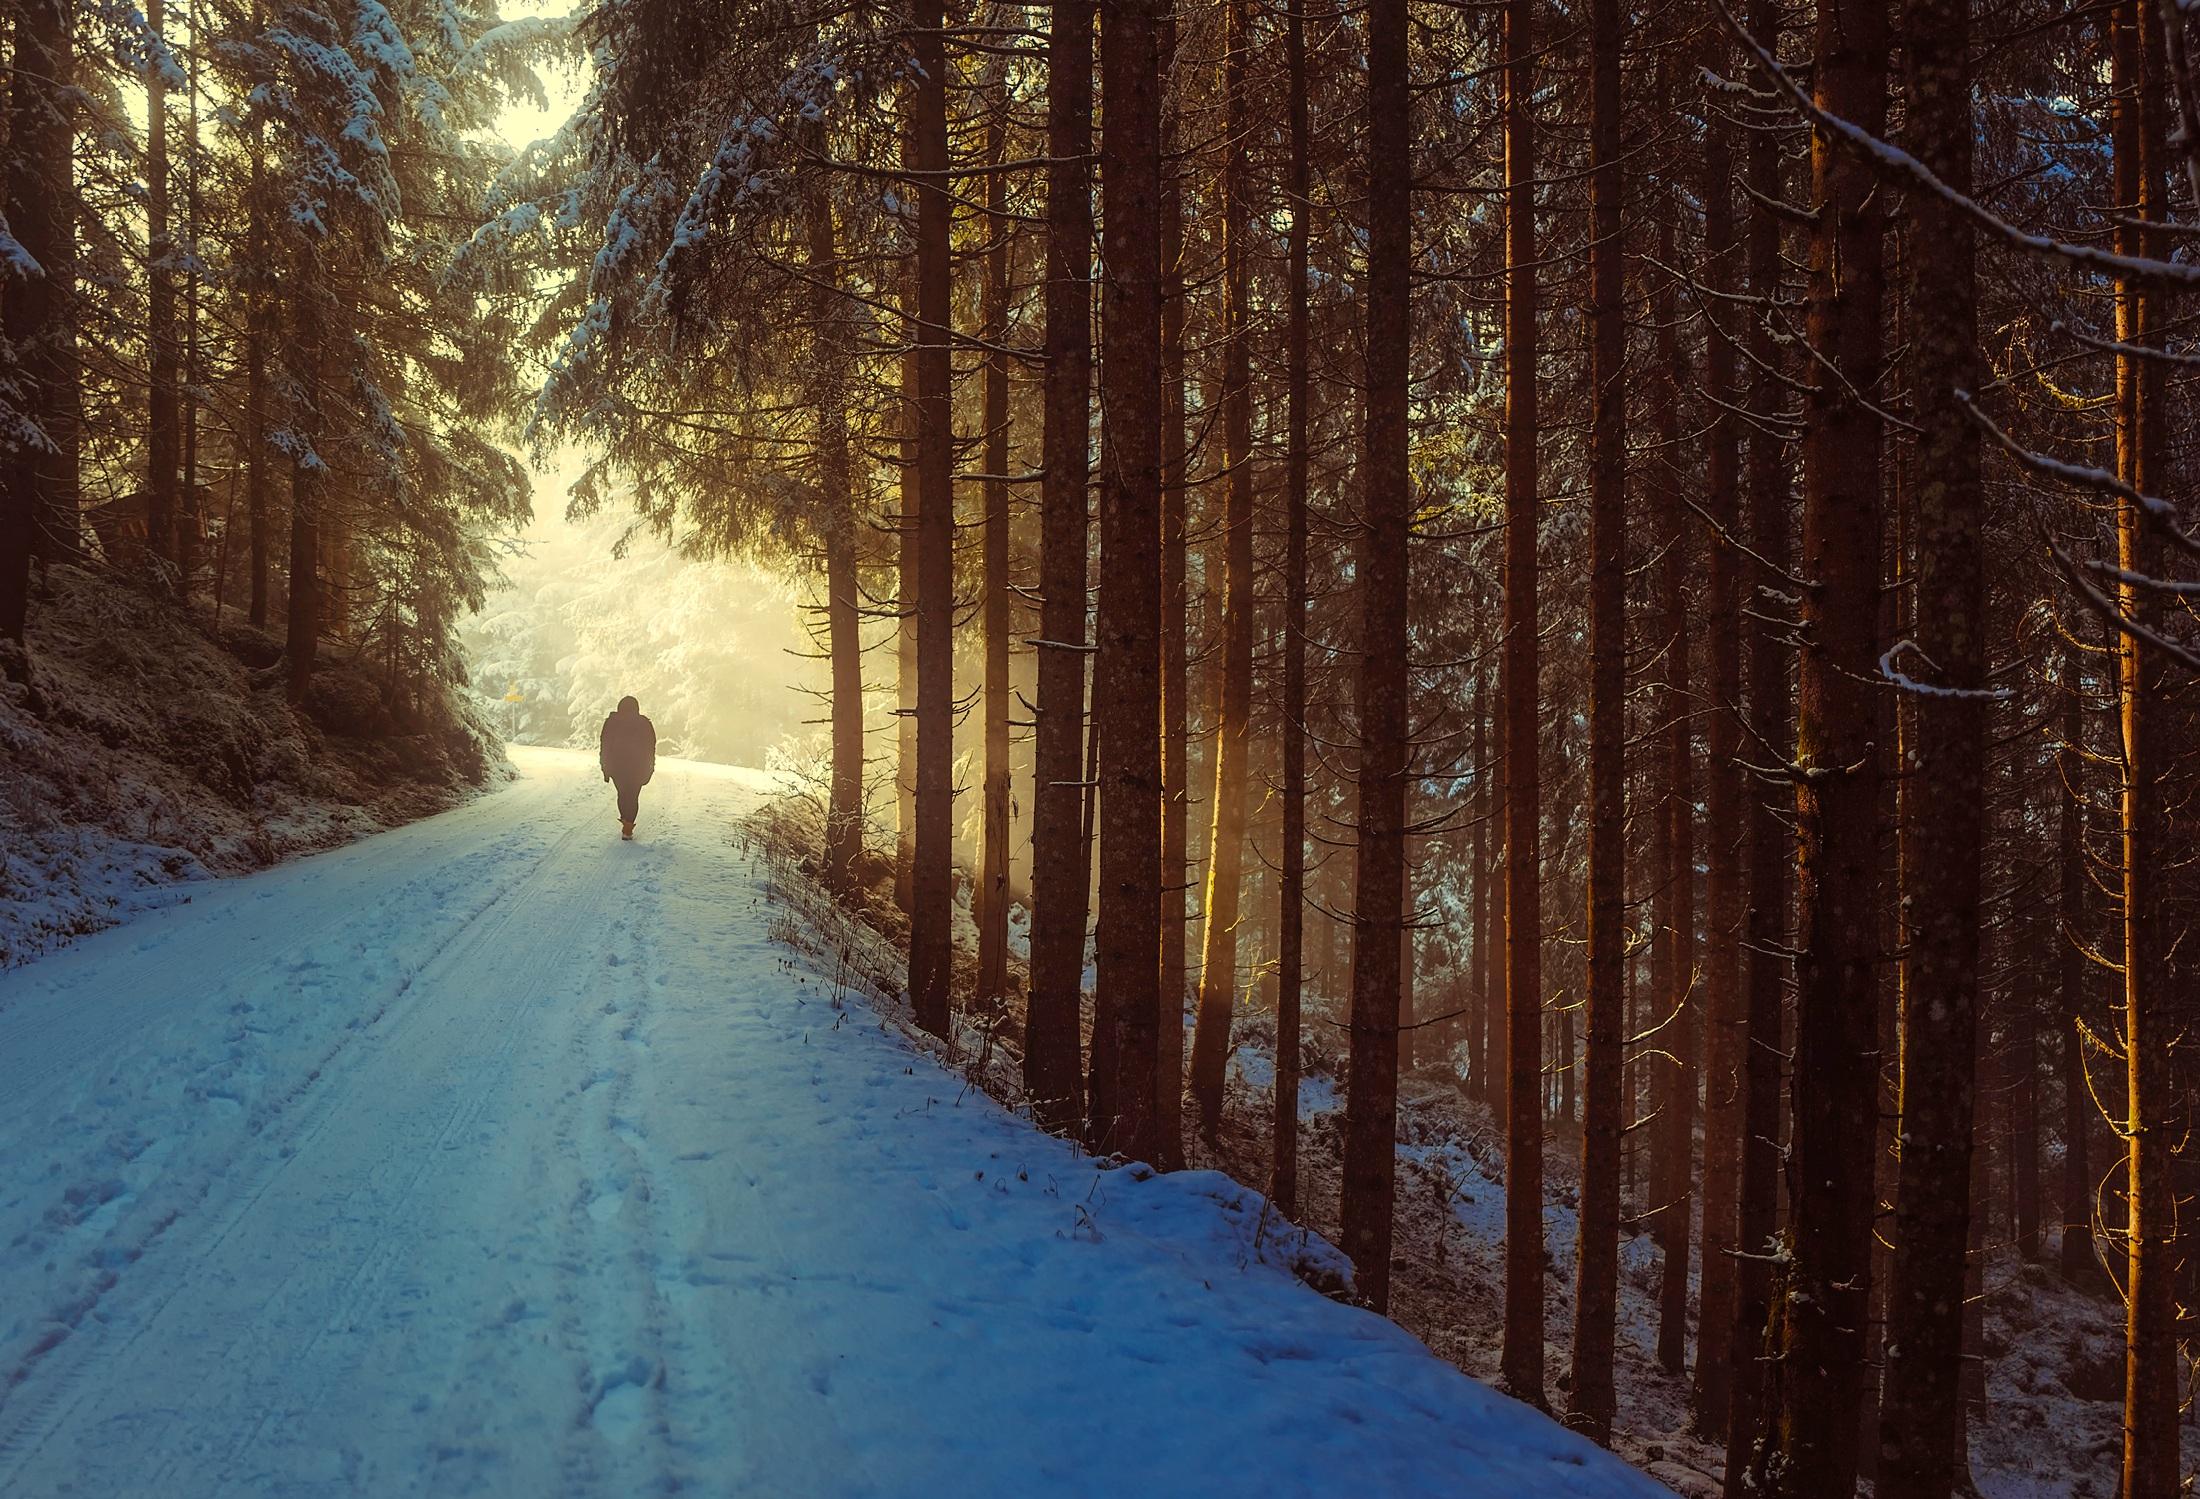 Stillevandring en vinterdag i skoven